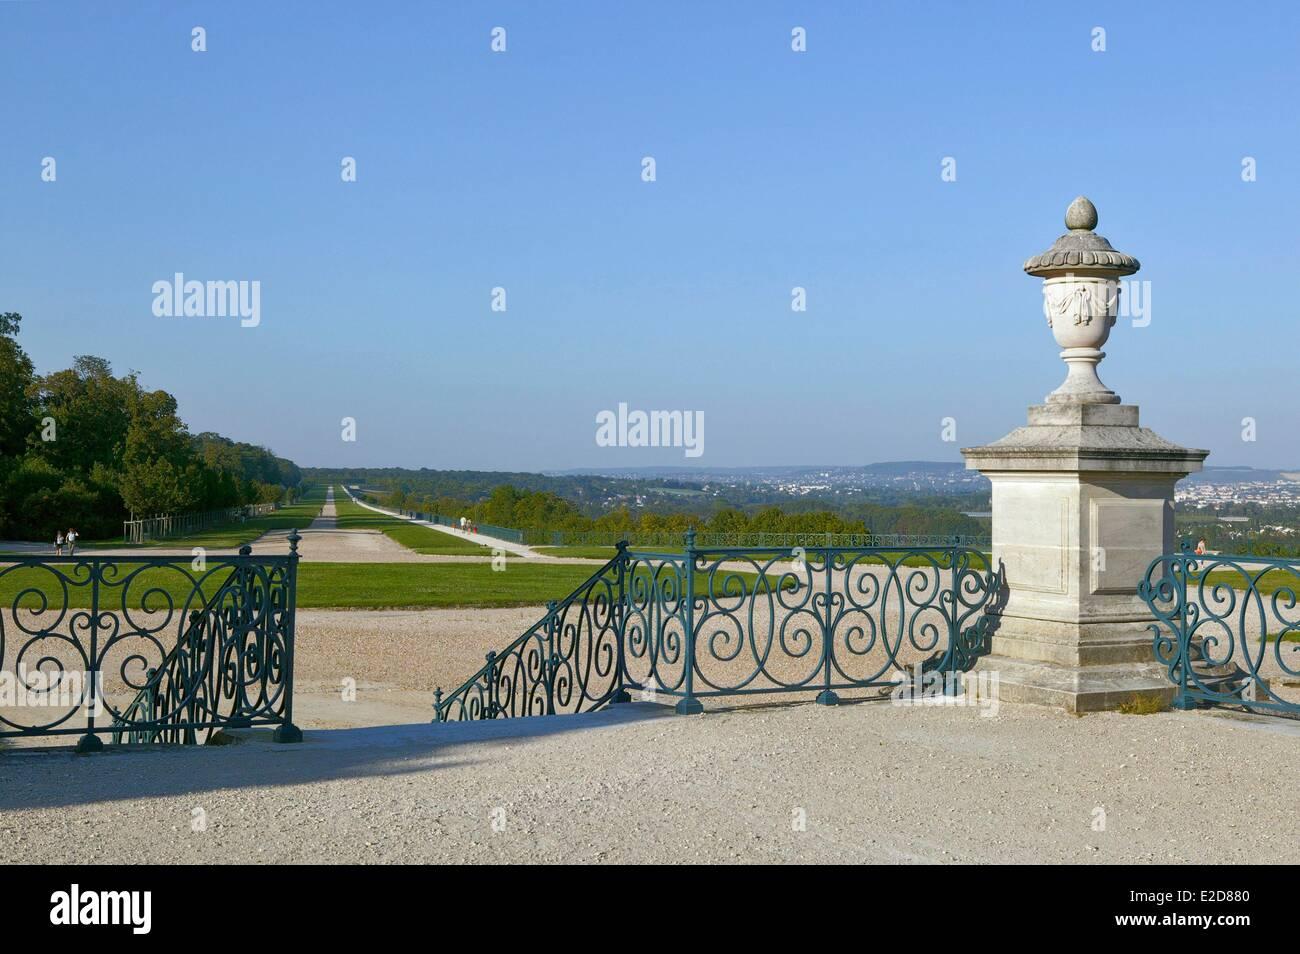 France Yvelines Saint Germain en Laye château jardins dessinés par ...